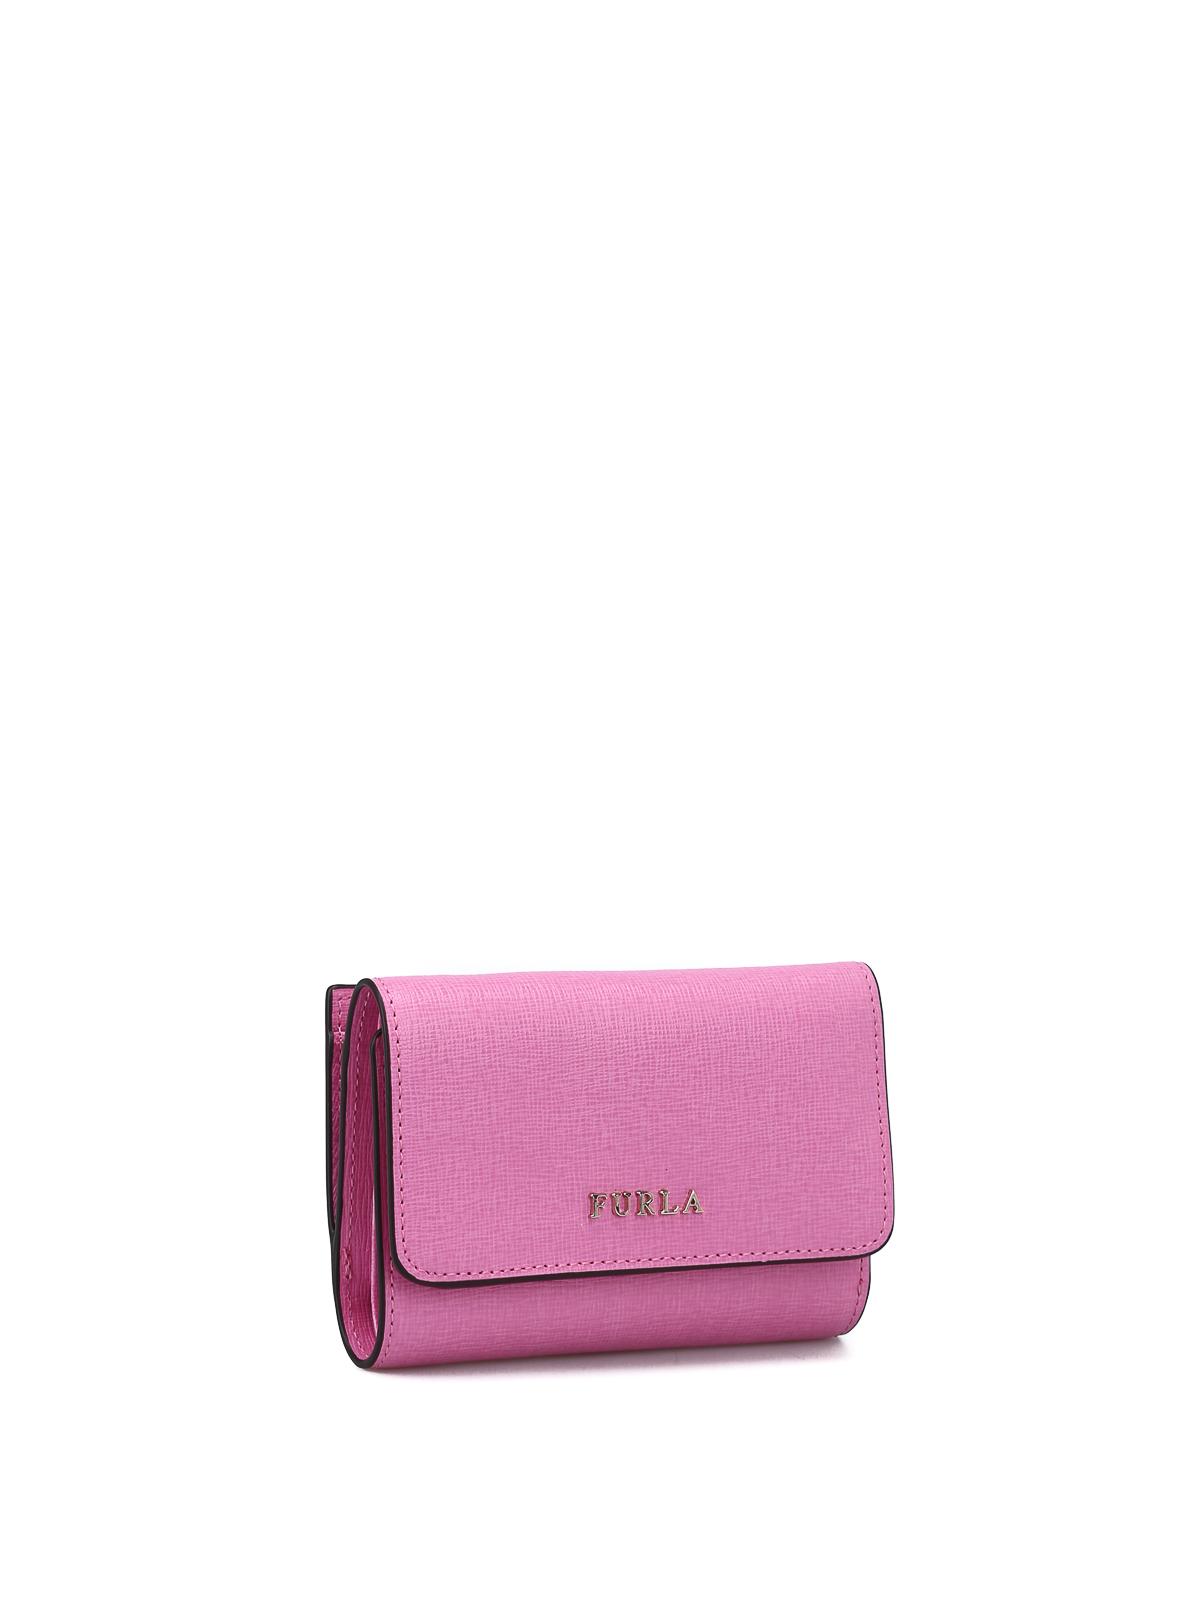 3b250026992ba Furla - Portemonnaie - Pink - Portemonnaies und Geldbörsen - 922577